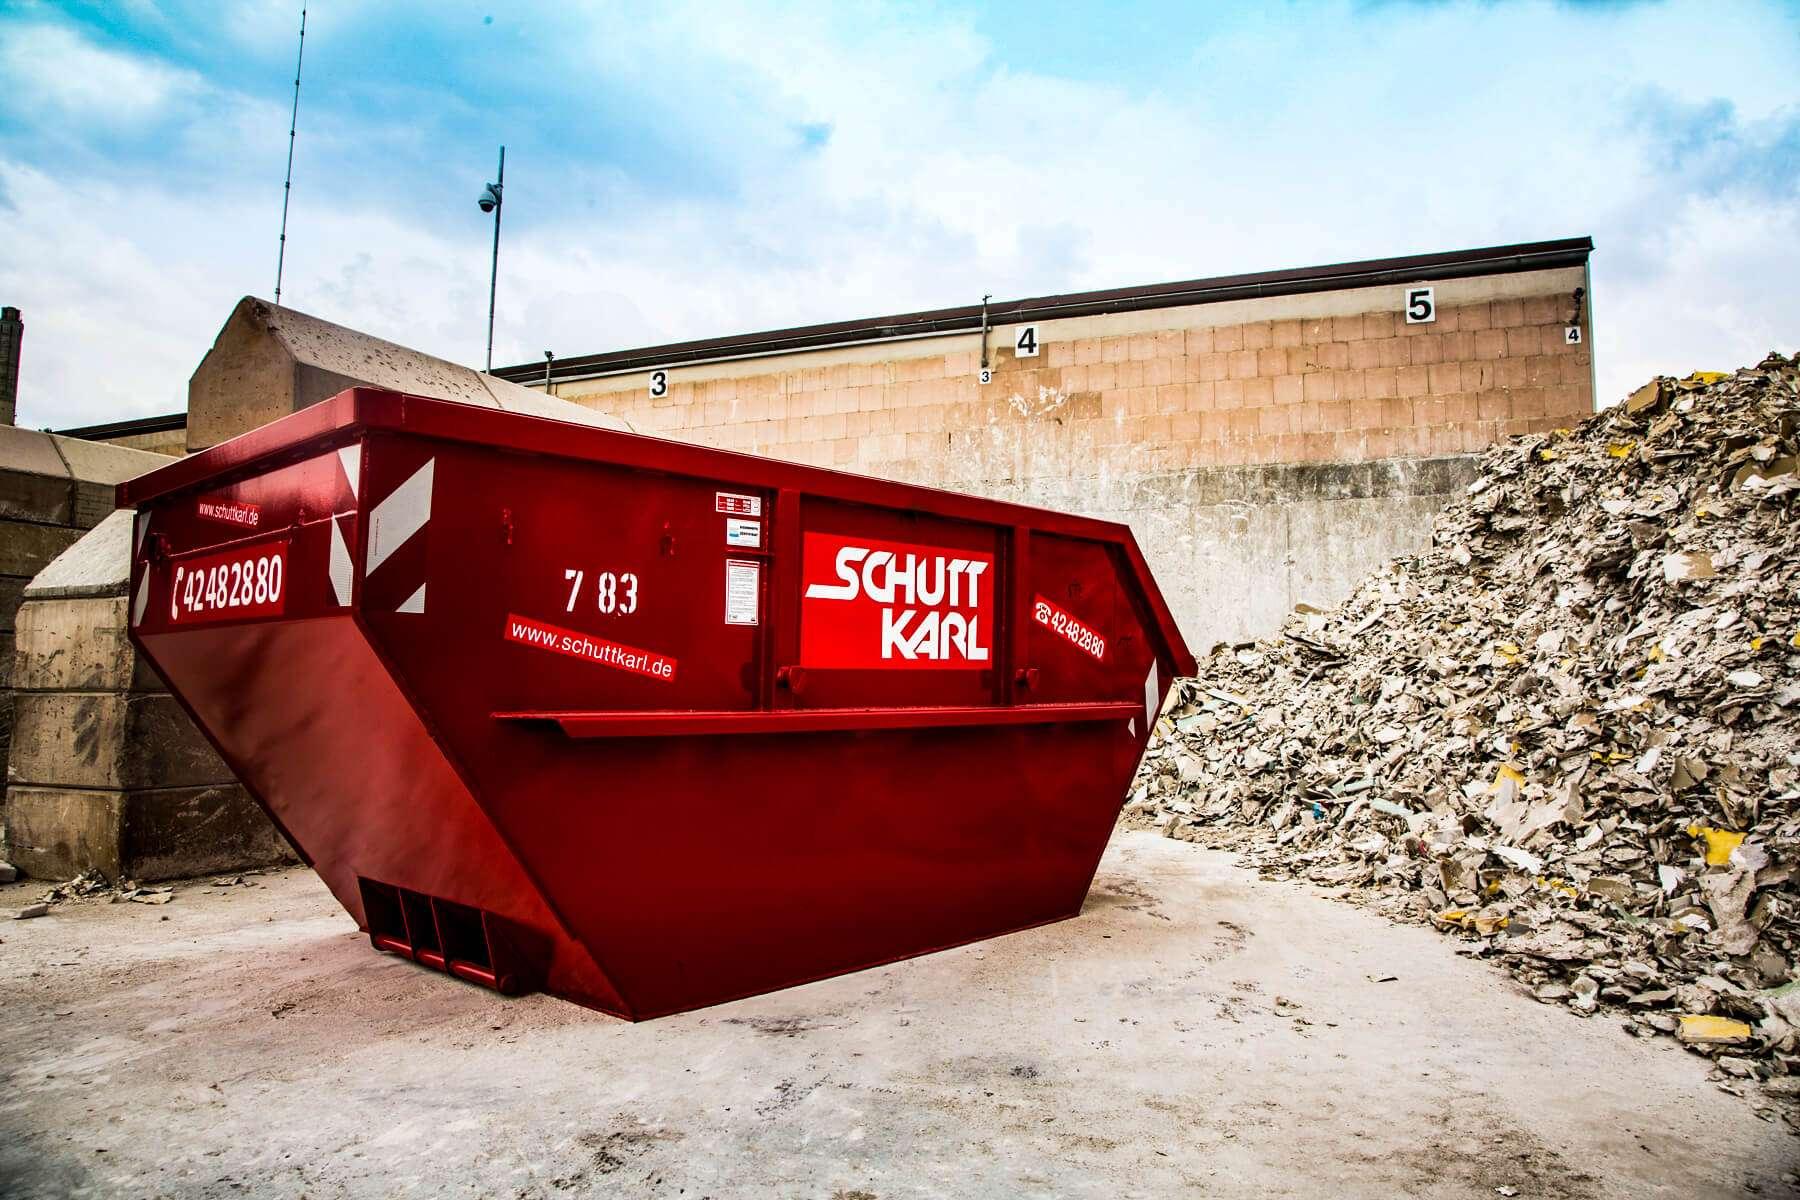 Schutt Karl | Slider_Container_1800